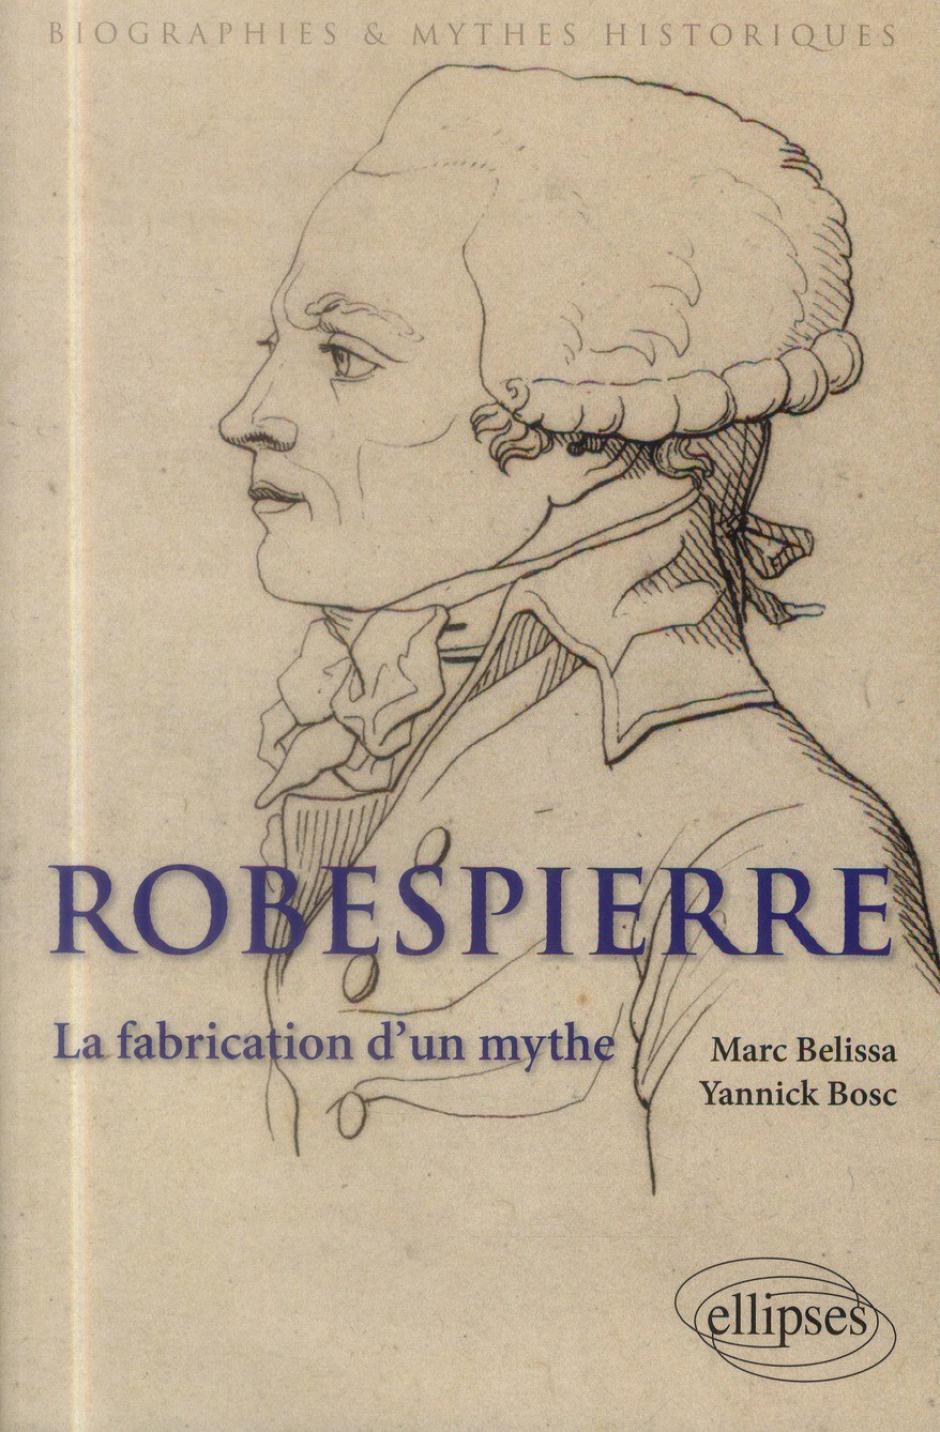 Les âges du mythe Robespierre,  Marc Belissa et Yannick Bosc*